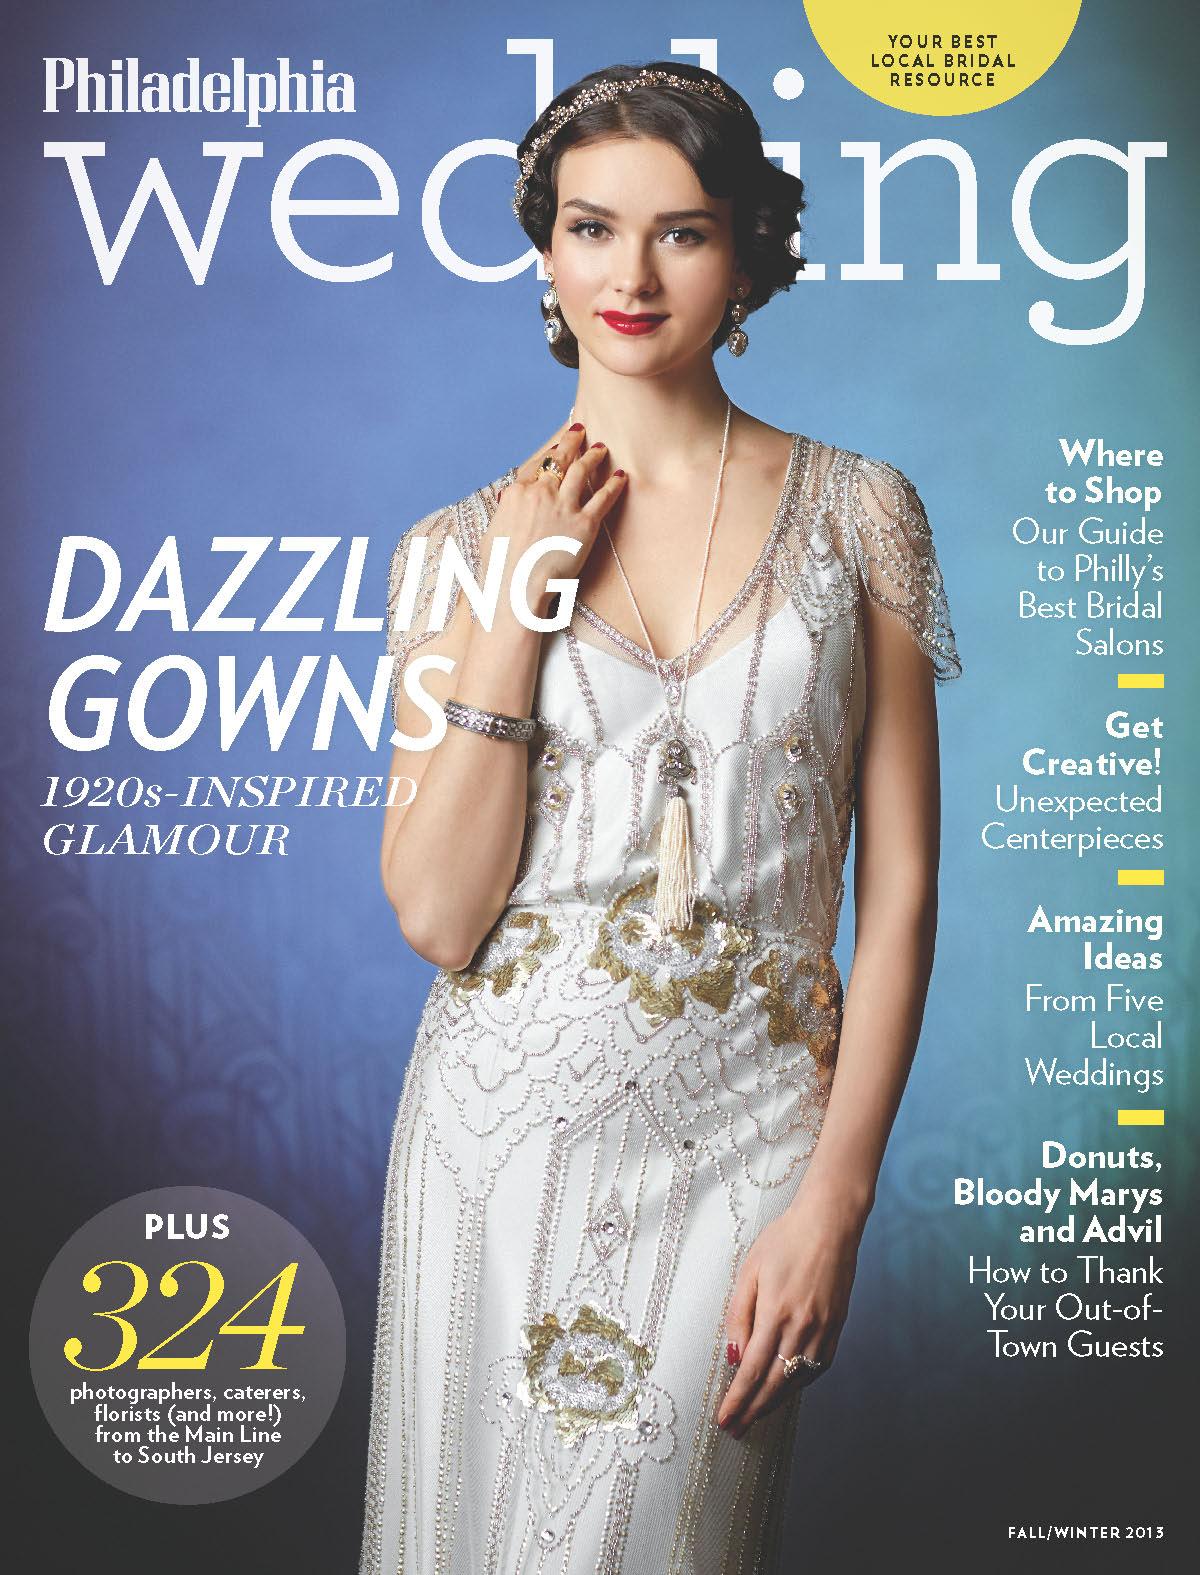 Sneak Peek: Philadelphia Wedding's Fall/Winter 2013 Issue!